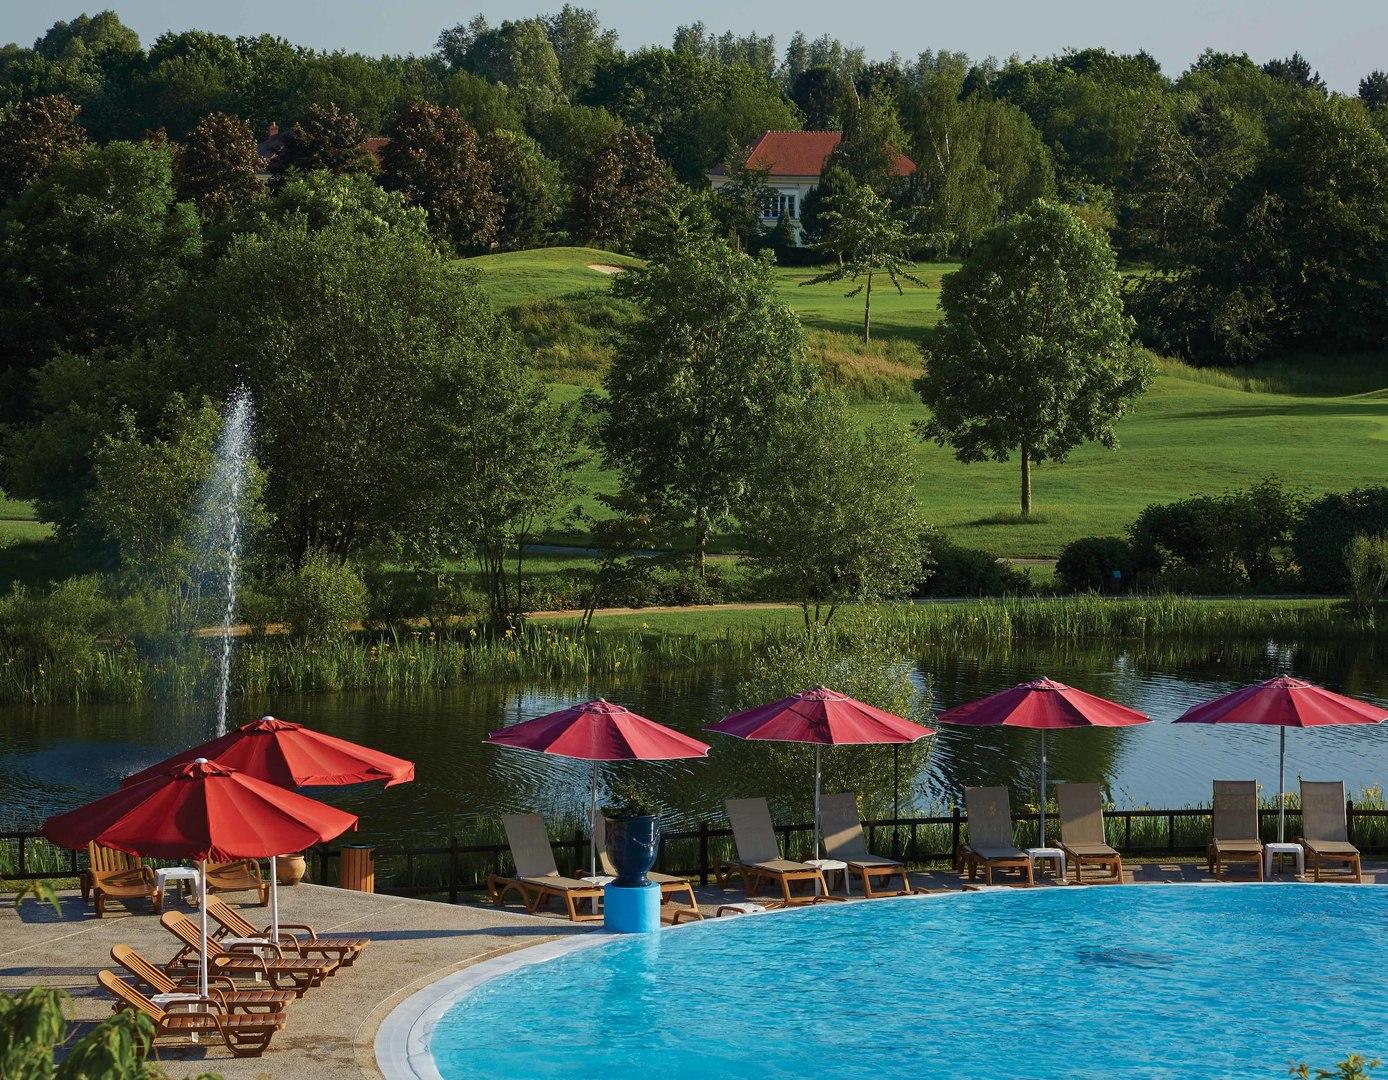 Marriott's Village d'Ile-de-France Main Pool. Marriott's Village d'Ile-de-France is located in Bailly-Romainvilliers,  France.